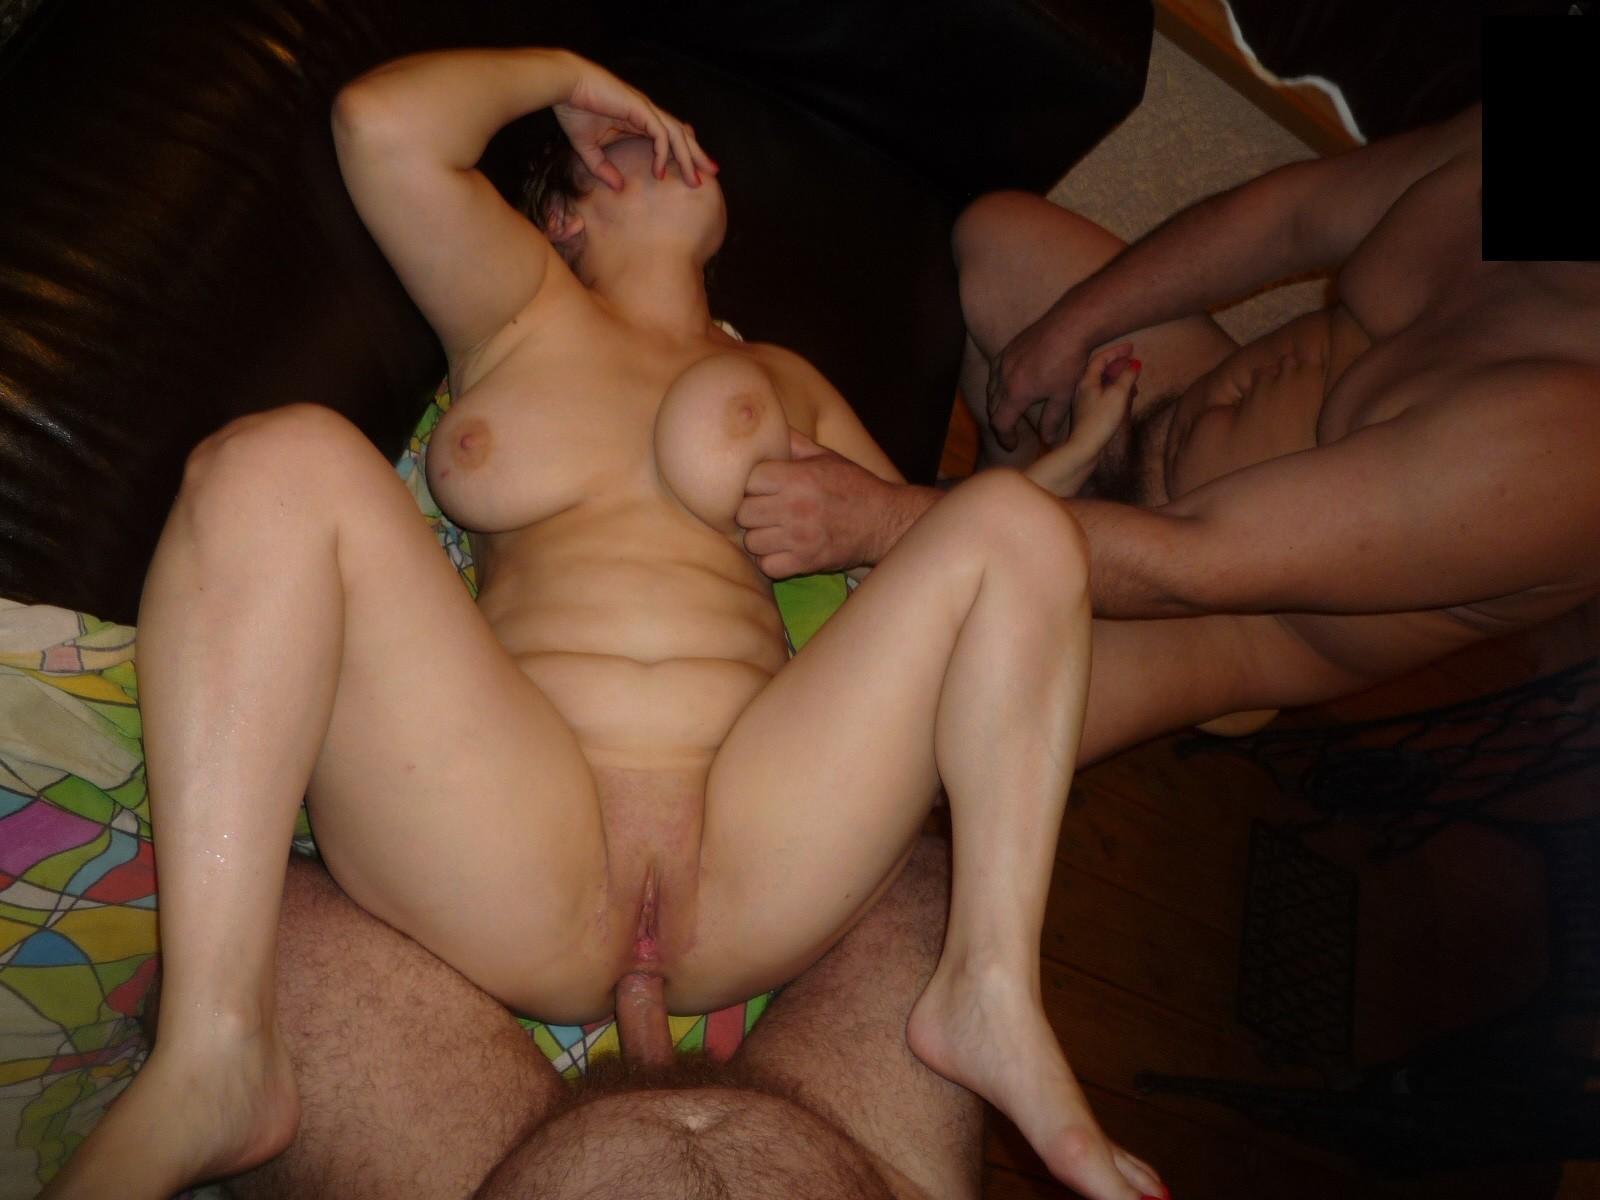 Порно Фото С Женой